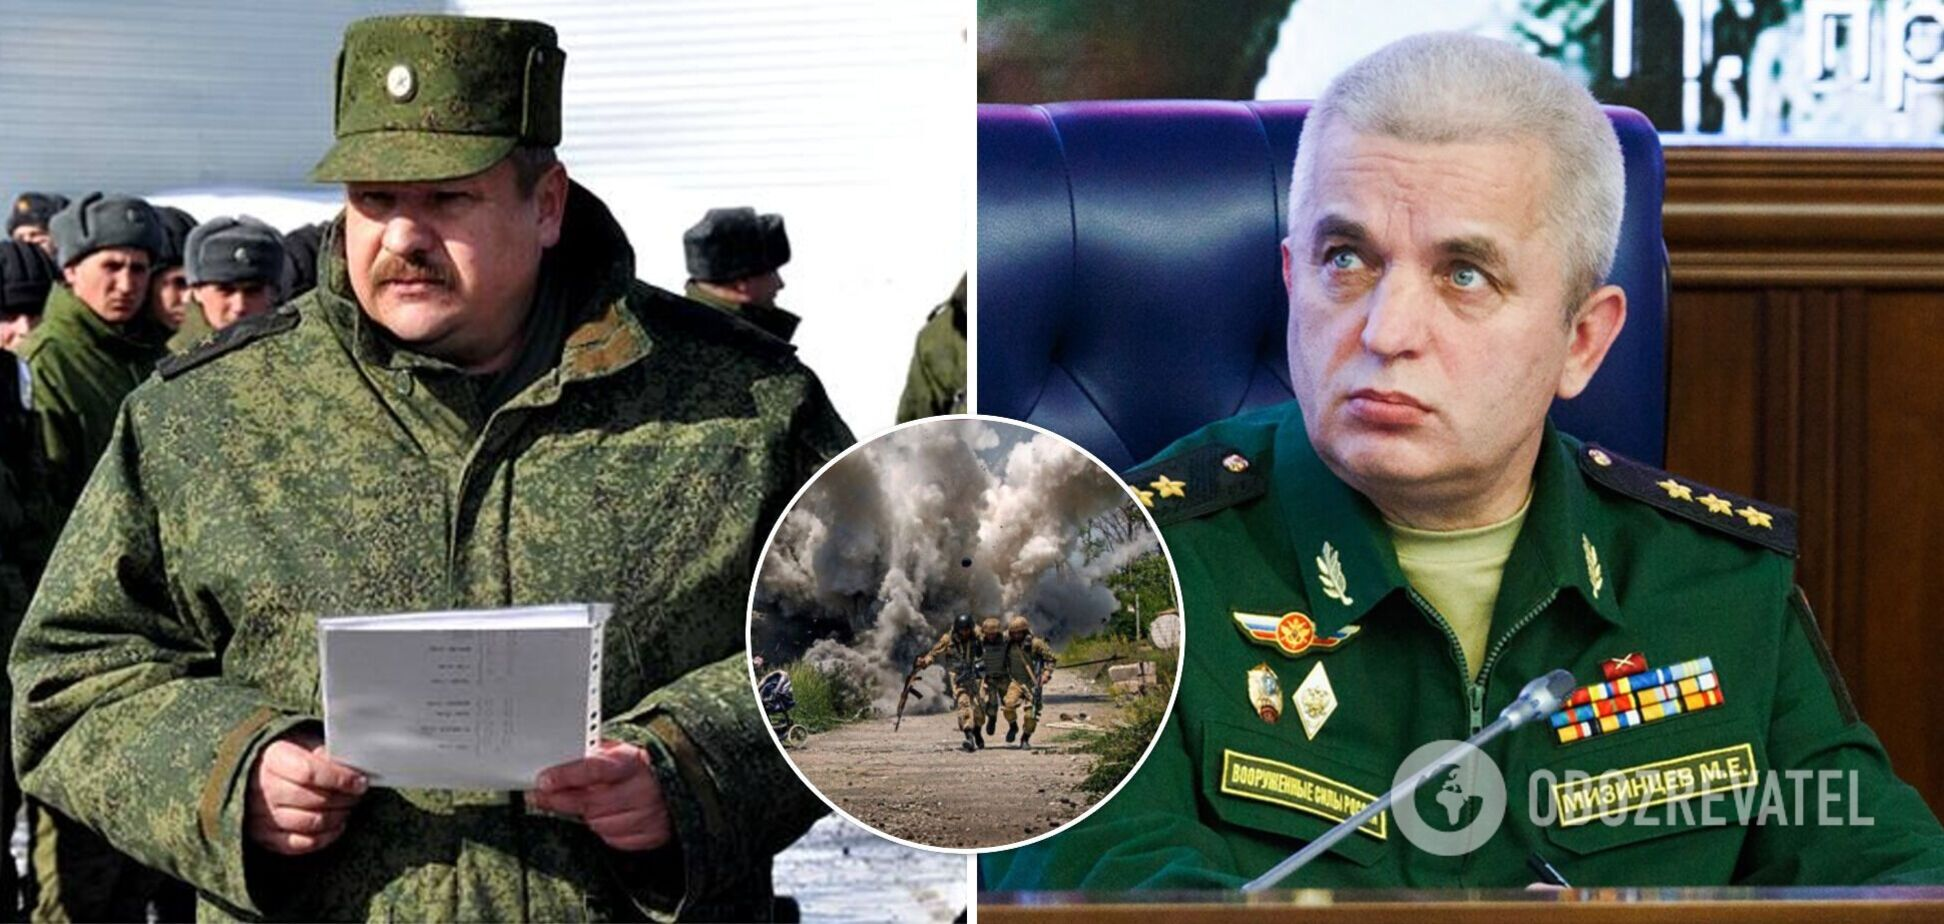 Російським генералам повідомили про підозру в причетності до вбивства бійців ЗСУ під Іловайськом